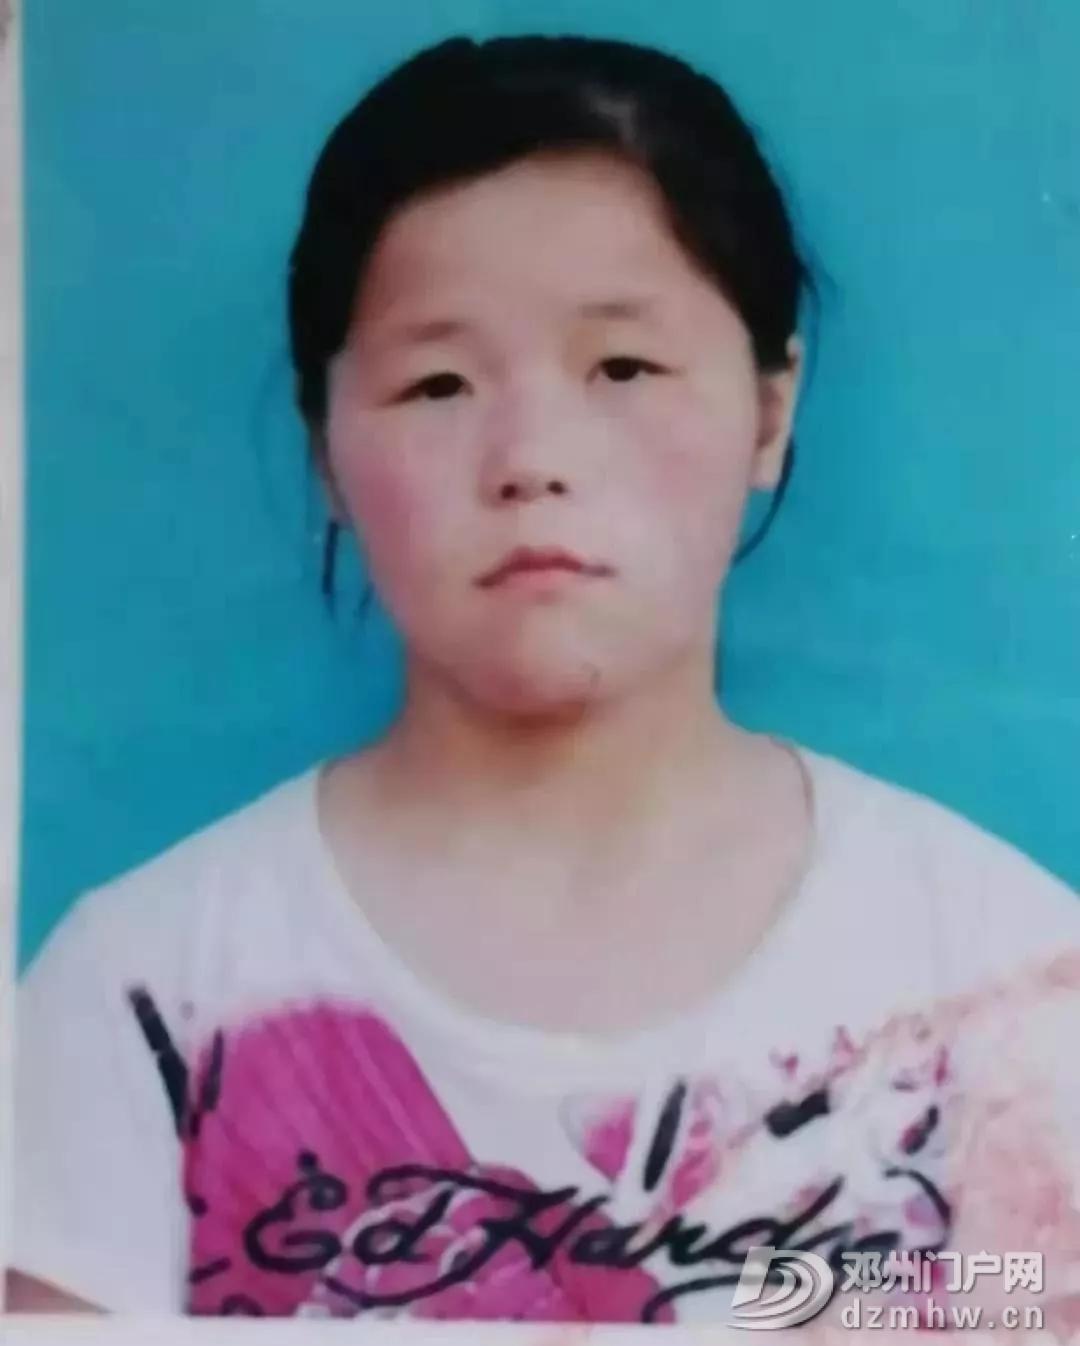 紧急!寻一14岁小女孩。 - 邓州门户网|邓州网 - 640.webp14_WPS图片.jpg